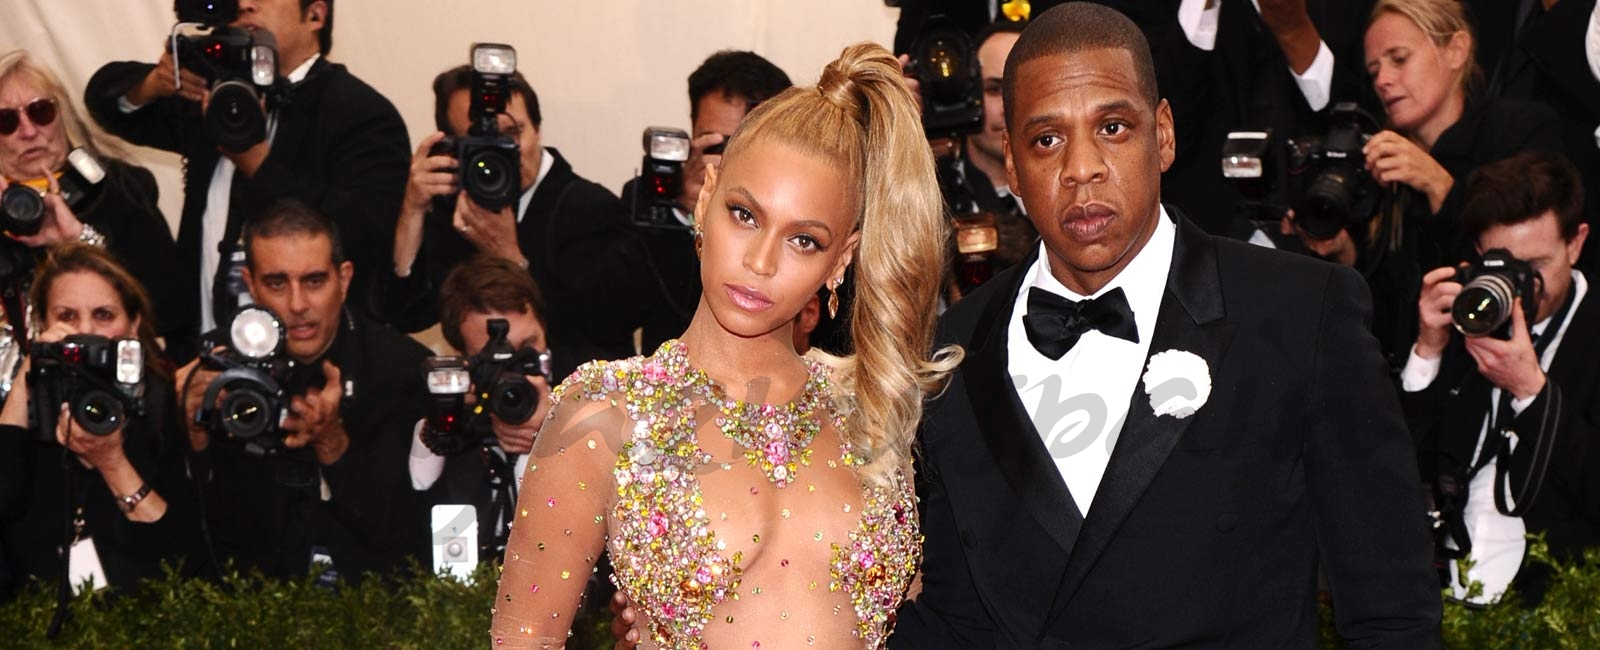 Las sorprendentes fotos de Beyoncé y Jay Z desnudos